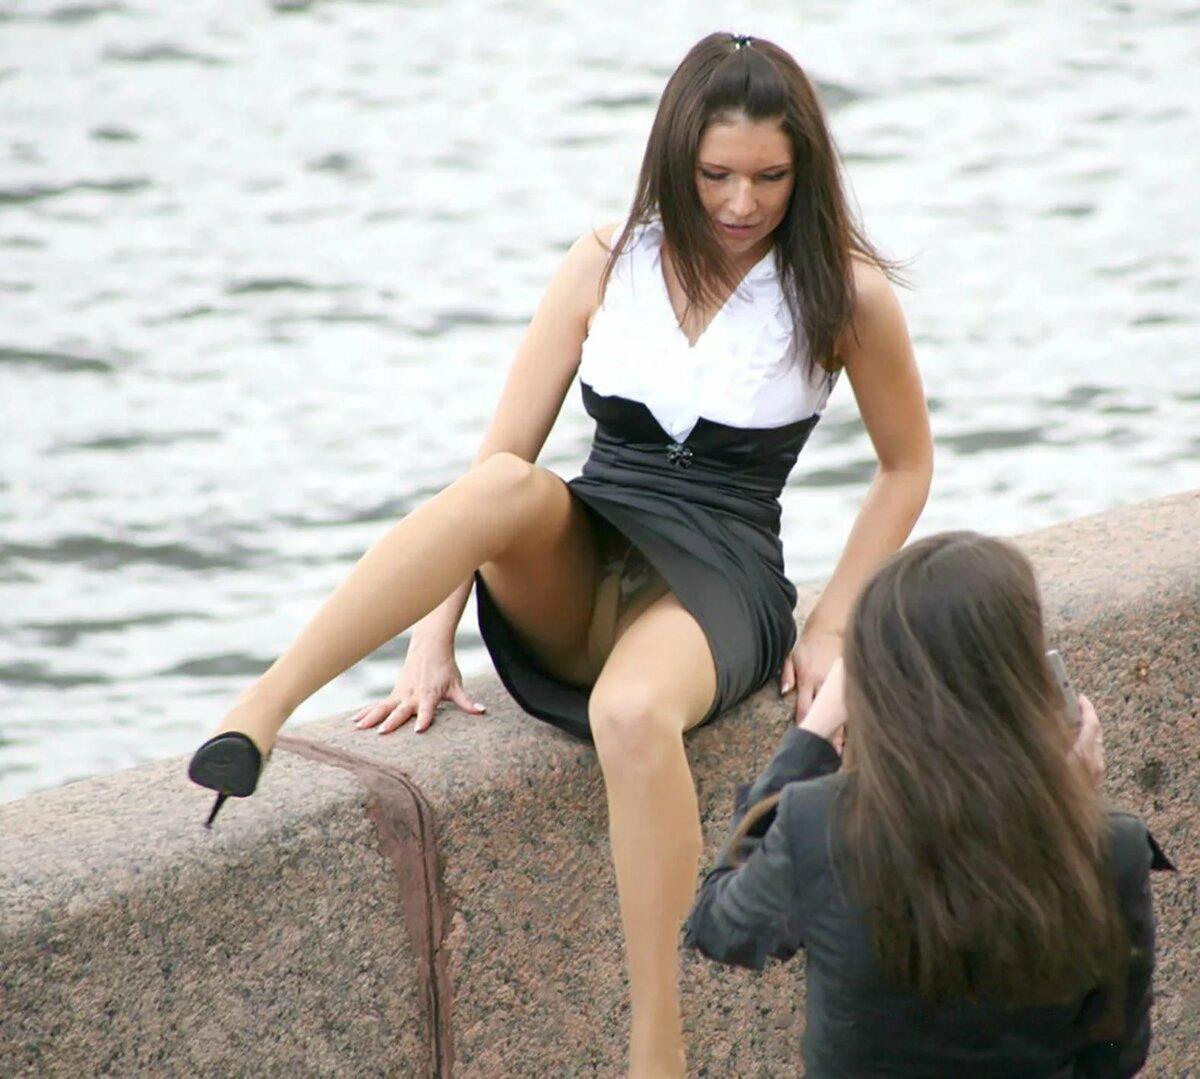 интимная жизнь, под юбкой у сидячих девак сексвайф ревность возводится